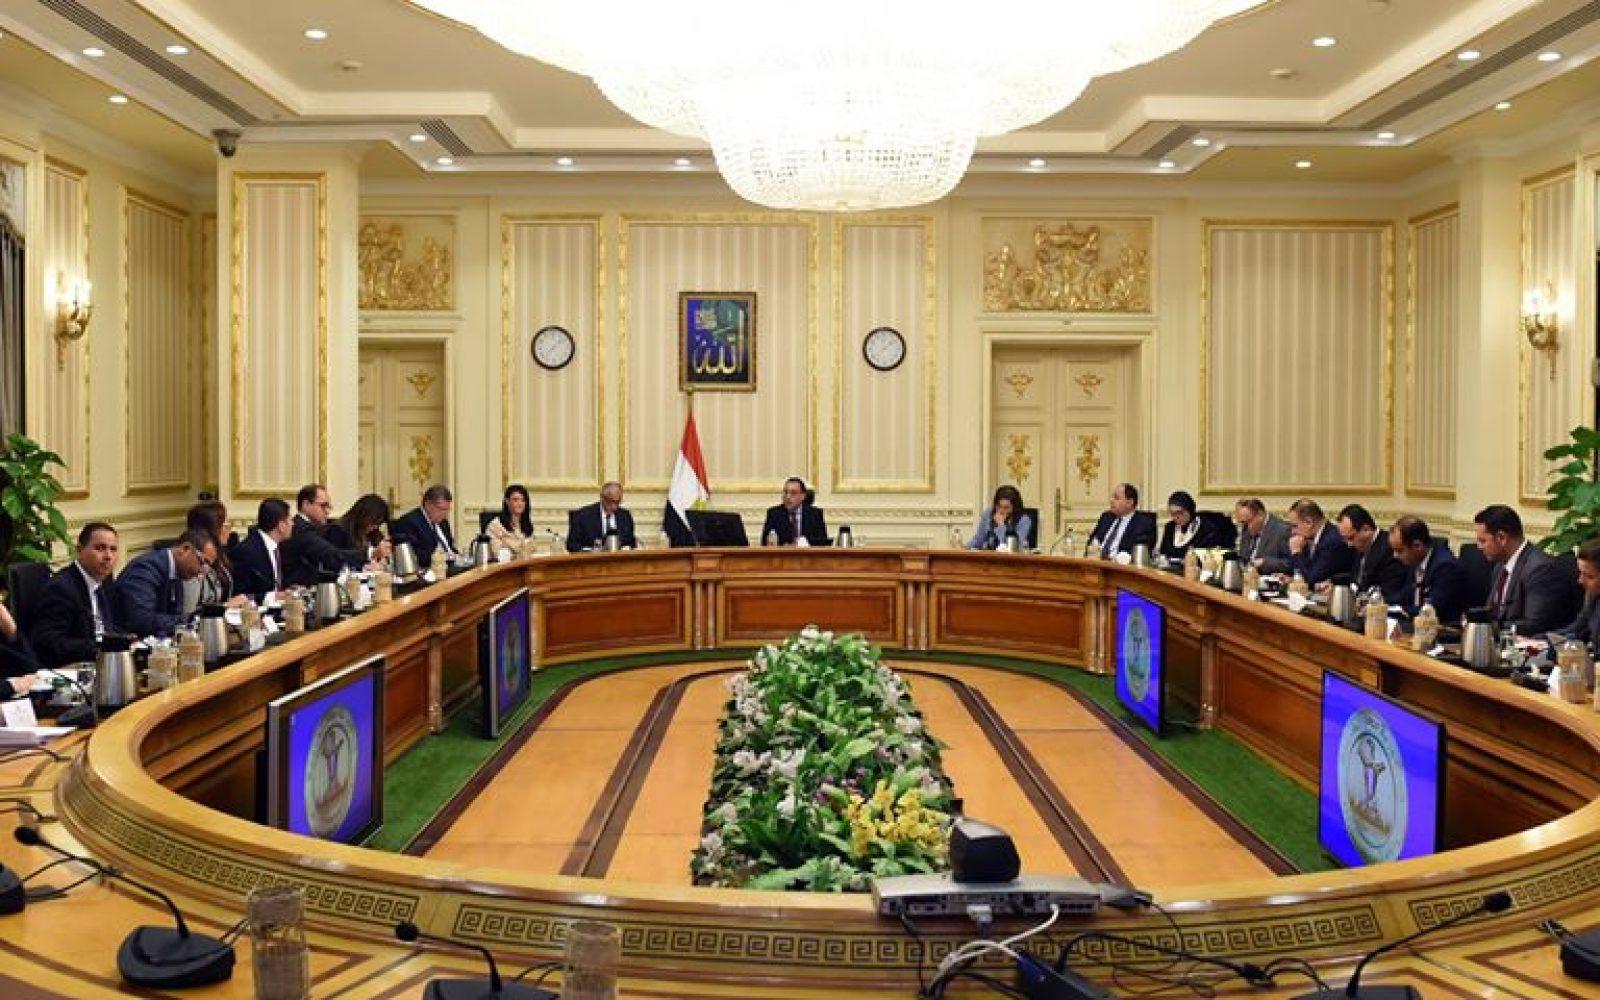 مجلس الوزراء يُعلن عن تفاصيل أجازة عيد الفطر لموظفي الحكومة